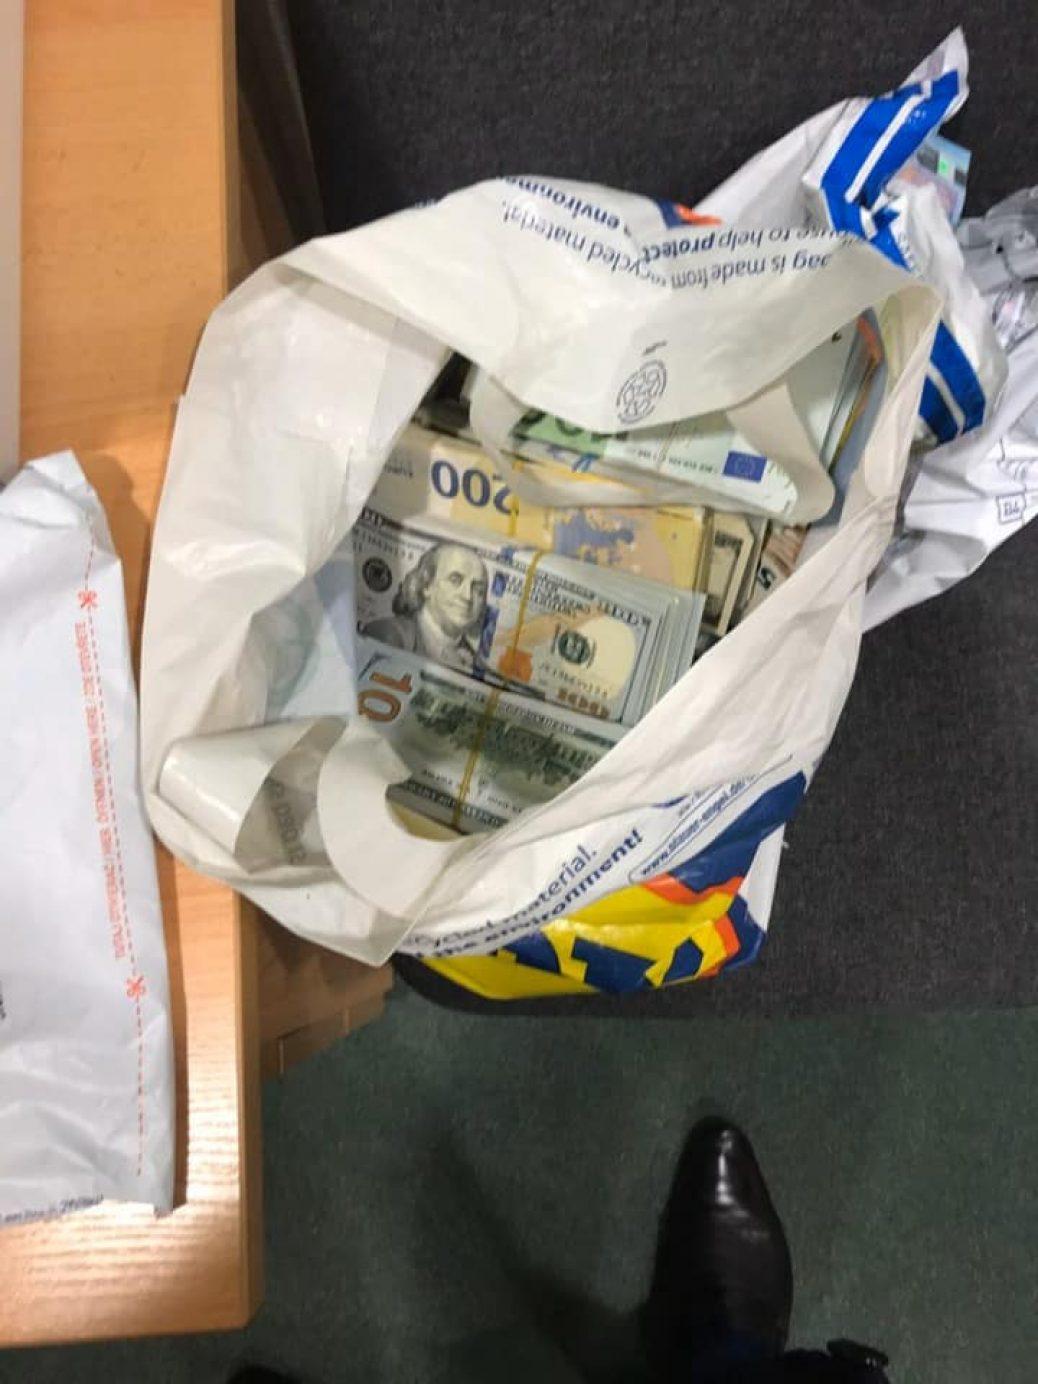 Рекордна валютна контрабанда: на кордоні вилучили пів мільйона євро та чверть мільйона доларів